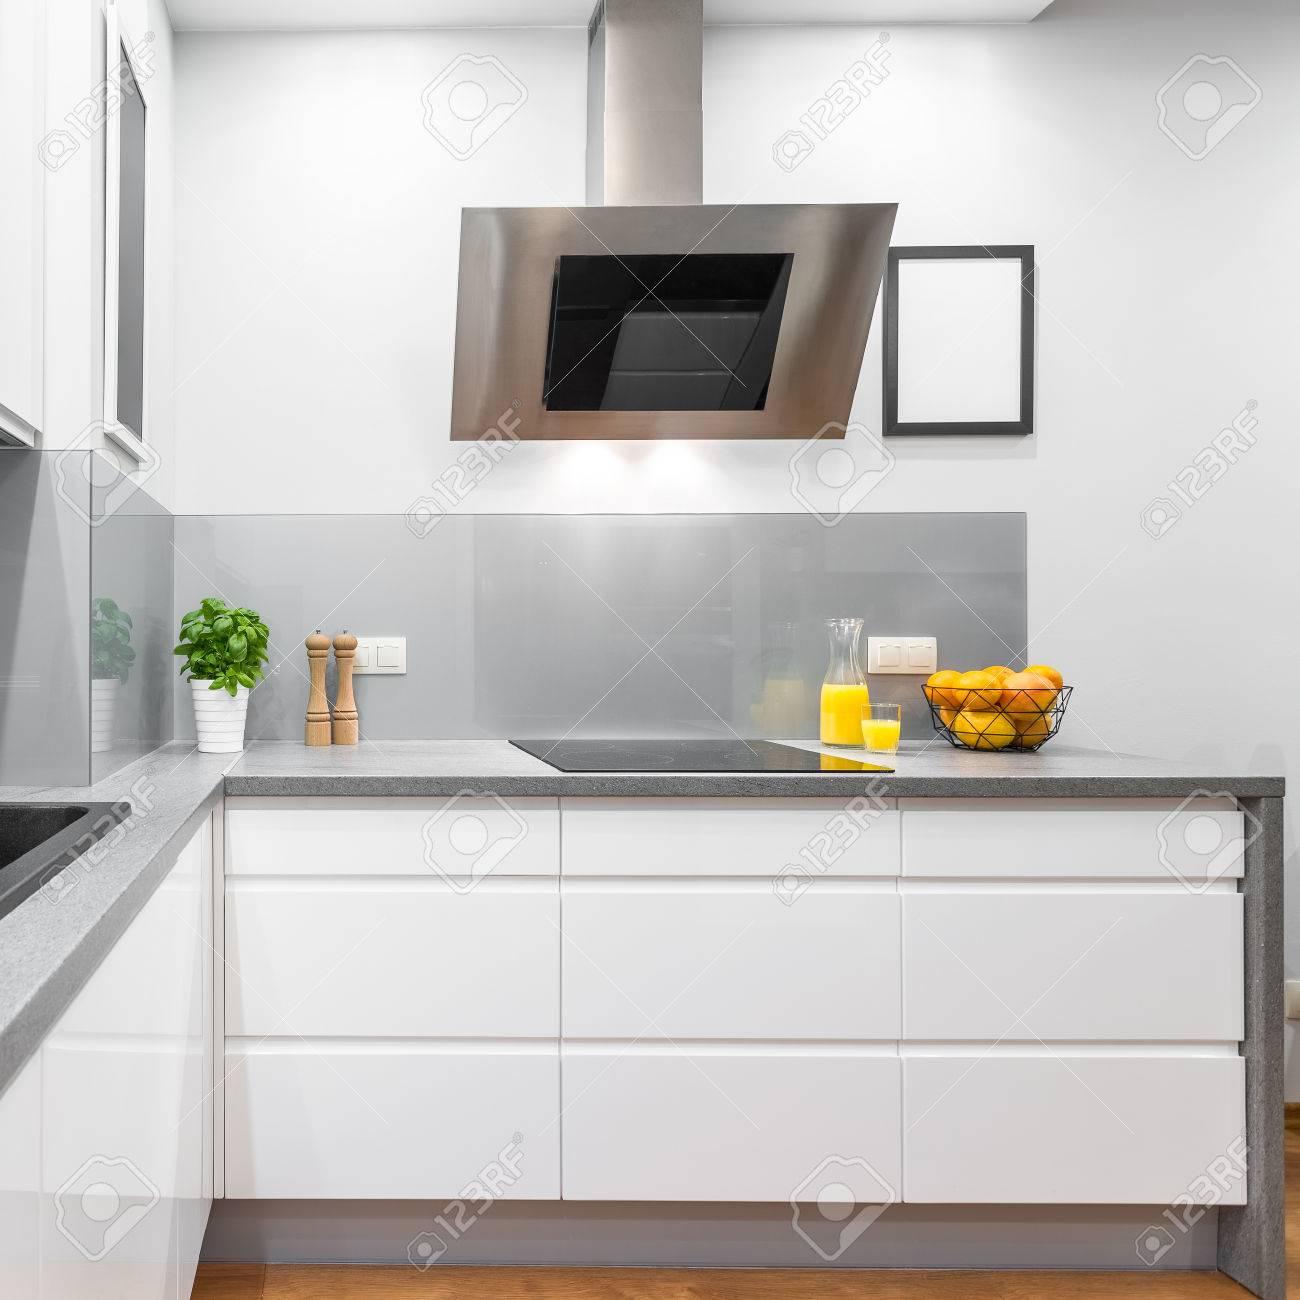 Cocina Con Muebles Blancos Modernos Encimera De Granito Y Campana